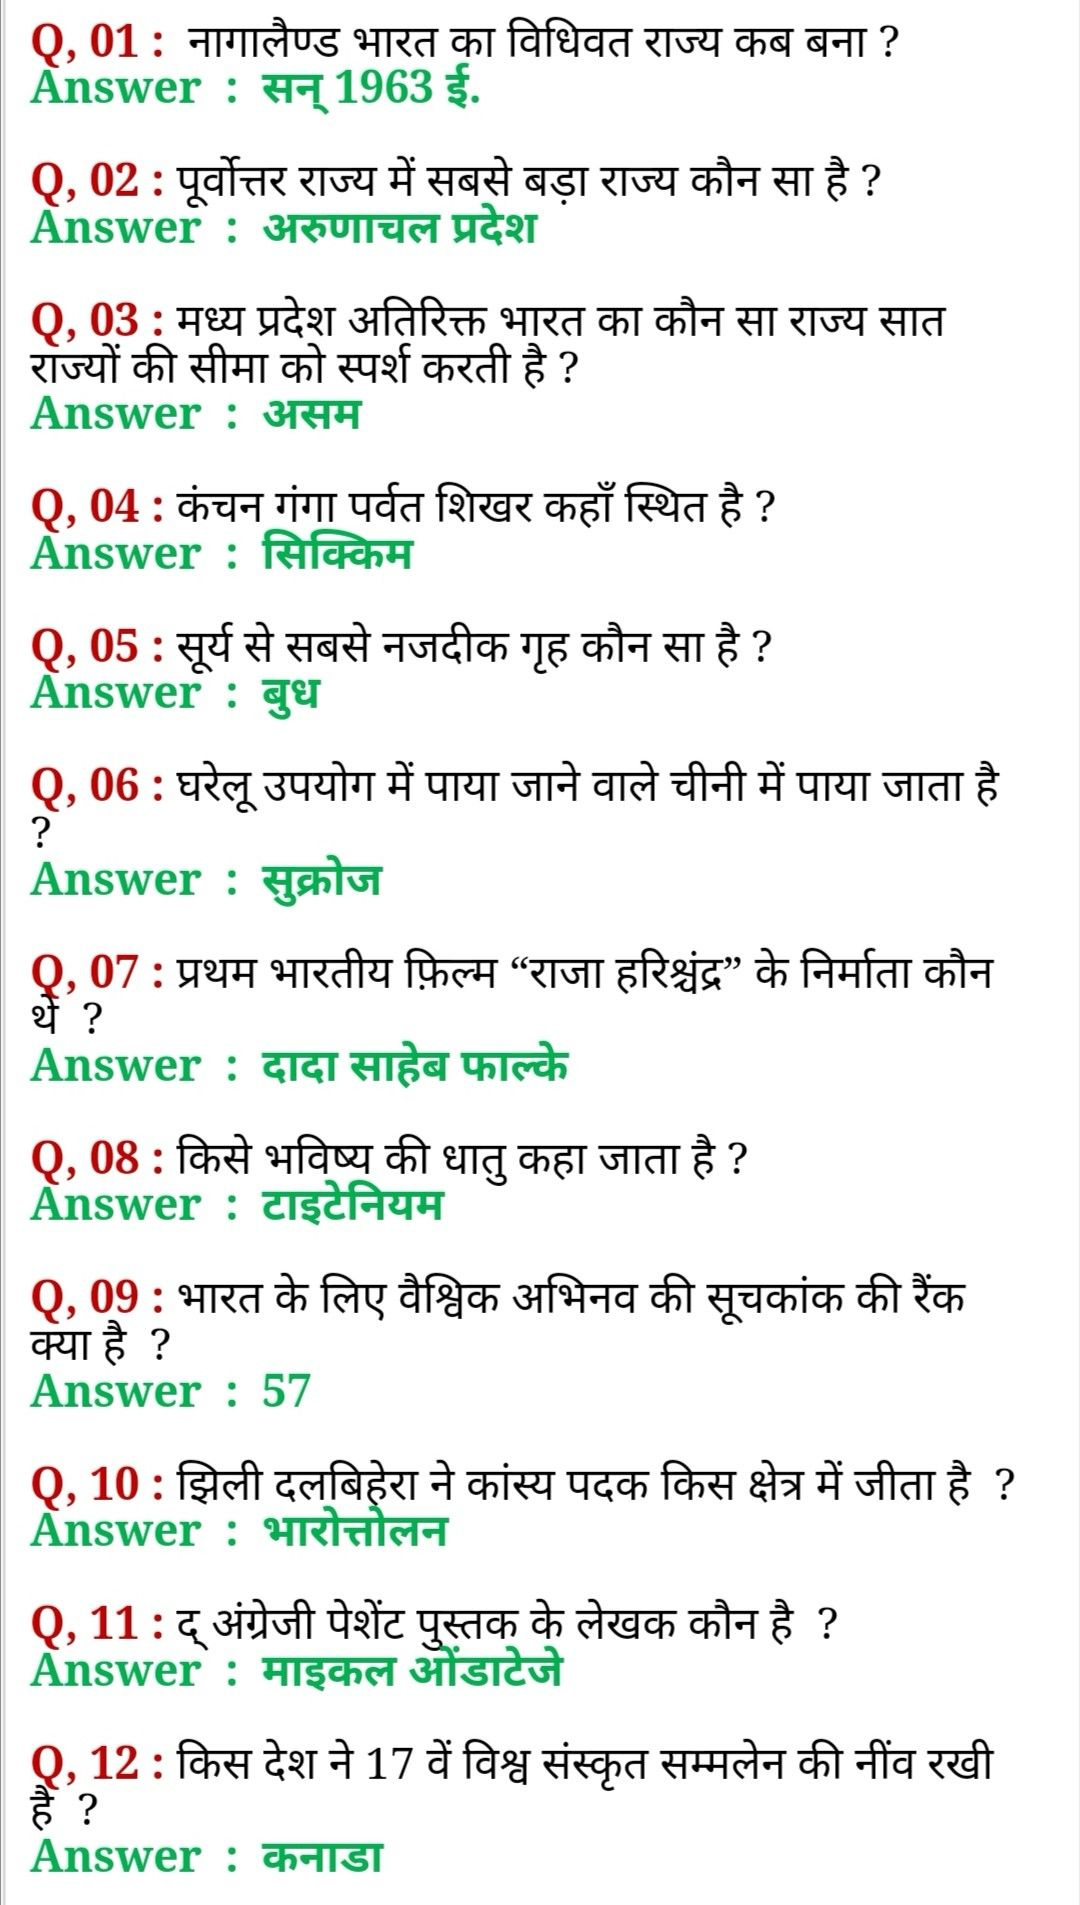 रेलवे सामान्य ज्ञान । Railway Gk Questions In Hindi 2020